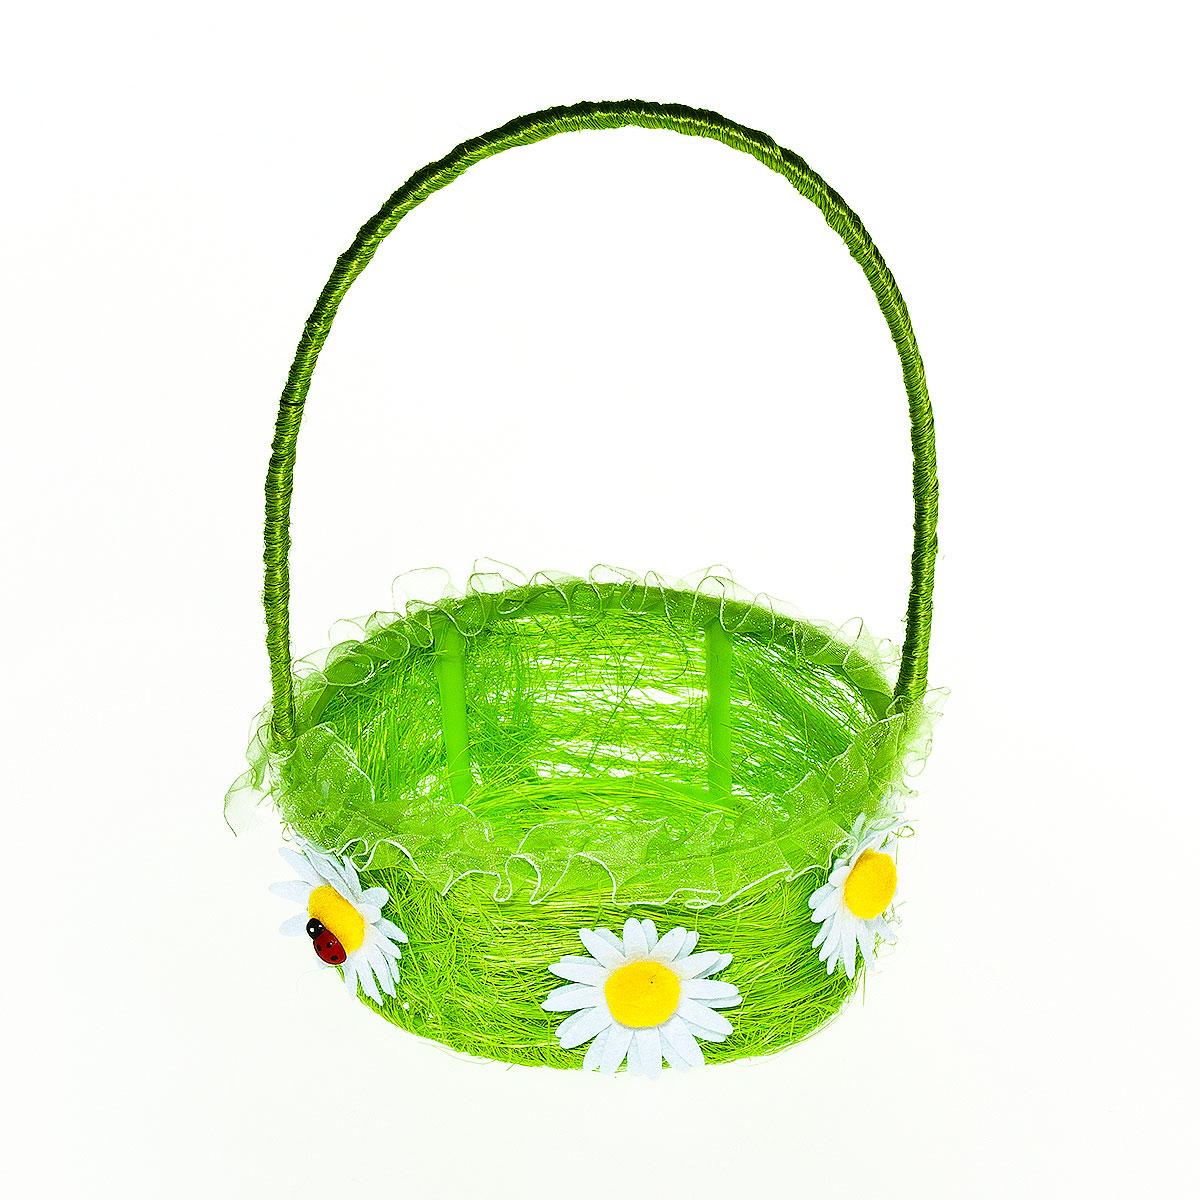 Корзина декоративная Home Queen Цветы, цвет: зеленый, 15,5 см х 14,5 см х 6,5 смC0038550Декоративная корзина Home Queen Цветы предназначена для хранения различных мелочей и аксессуаров. Изделие изготовлено из сизаля и пластика. Корзина оснащена удобной ручкой и декорирована аппликацией в виде цветов.Такая корзина станет оригинальным и необычным подарком или украшением интерьера. Размер корзины: 15,5 см х 14,5 см х 6,5 см.Диаметр дна: 13 см.Высота ручки: 14 см.